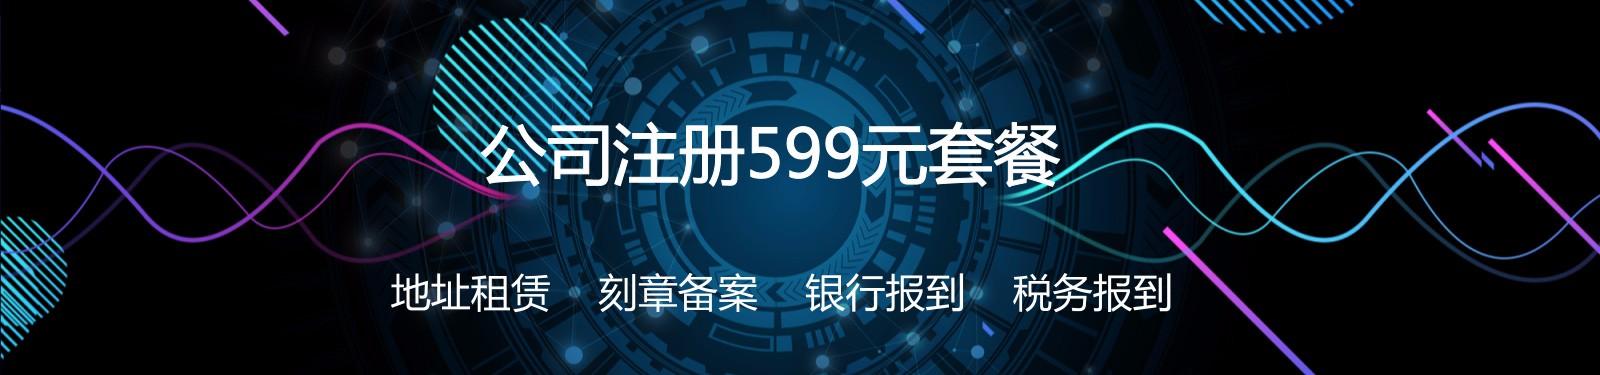 廣州會捷工商財稅代理有限公司